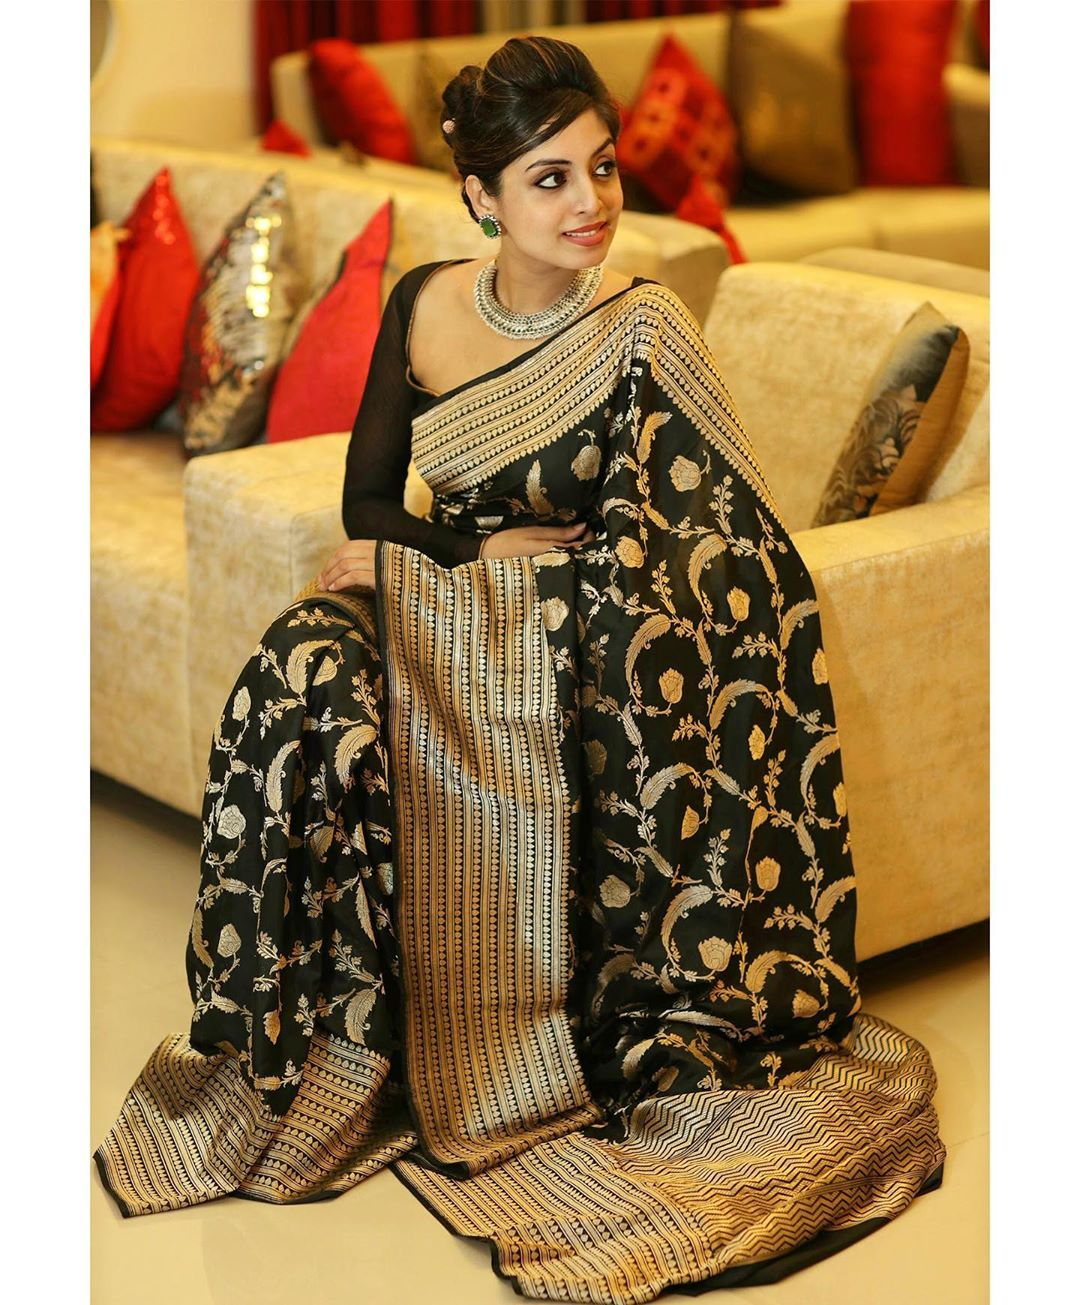 banarasi-sarees-latest-designs-9